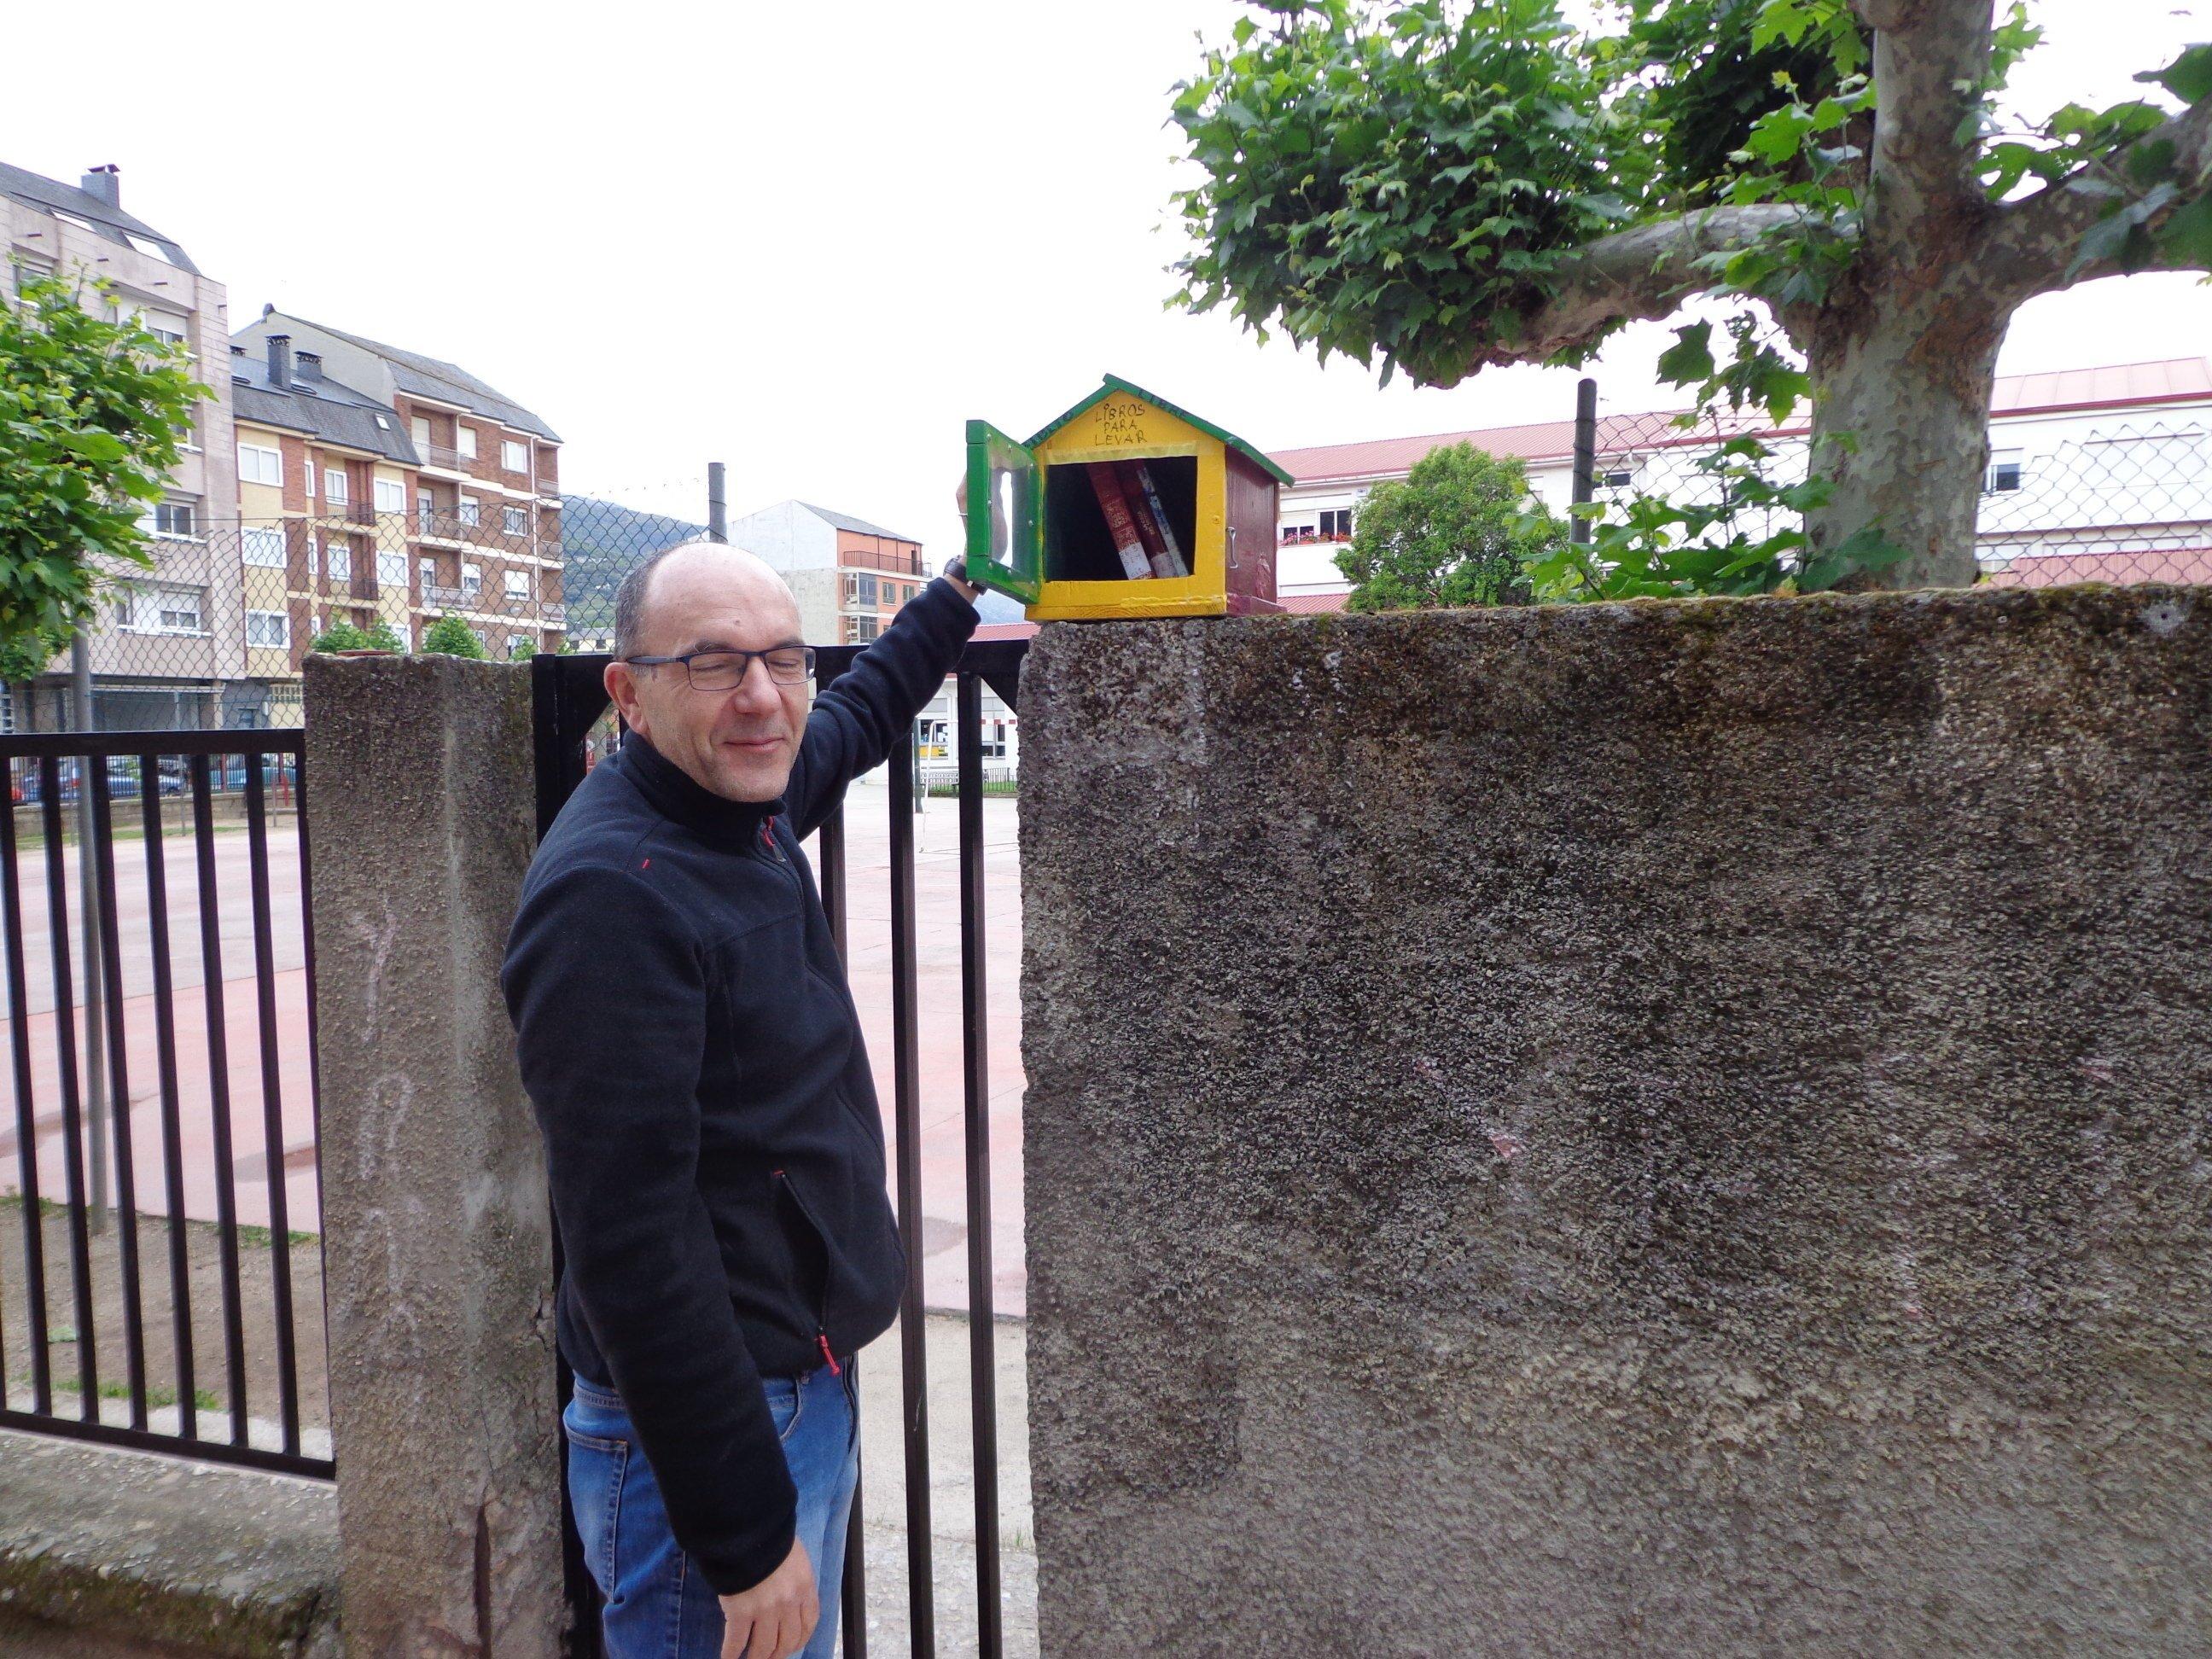 Xoaquín Freijeiro deposita varios libros en el puesto de intercambio colocado en el colegio (J.C.)